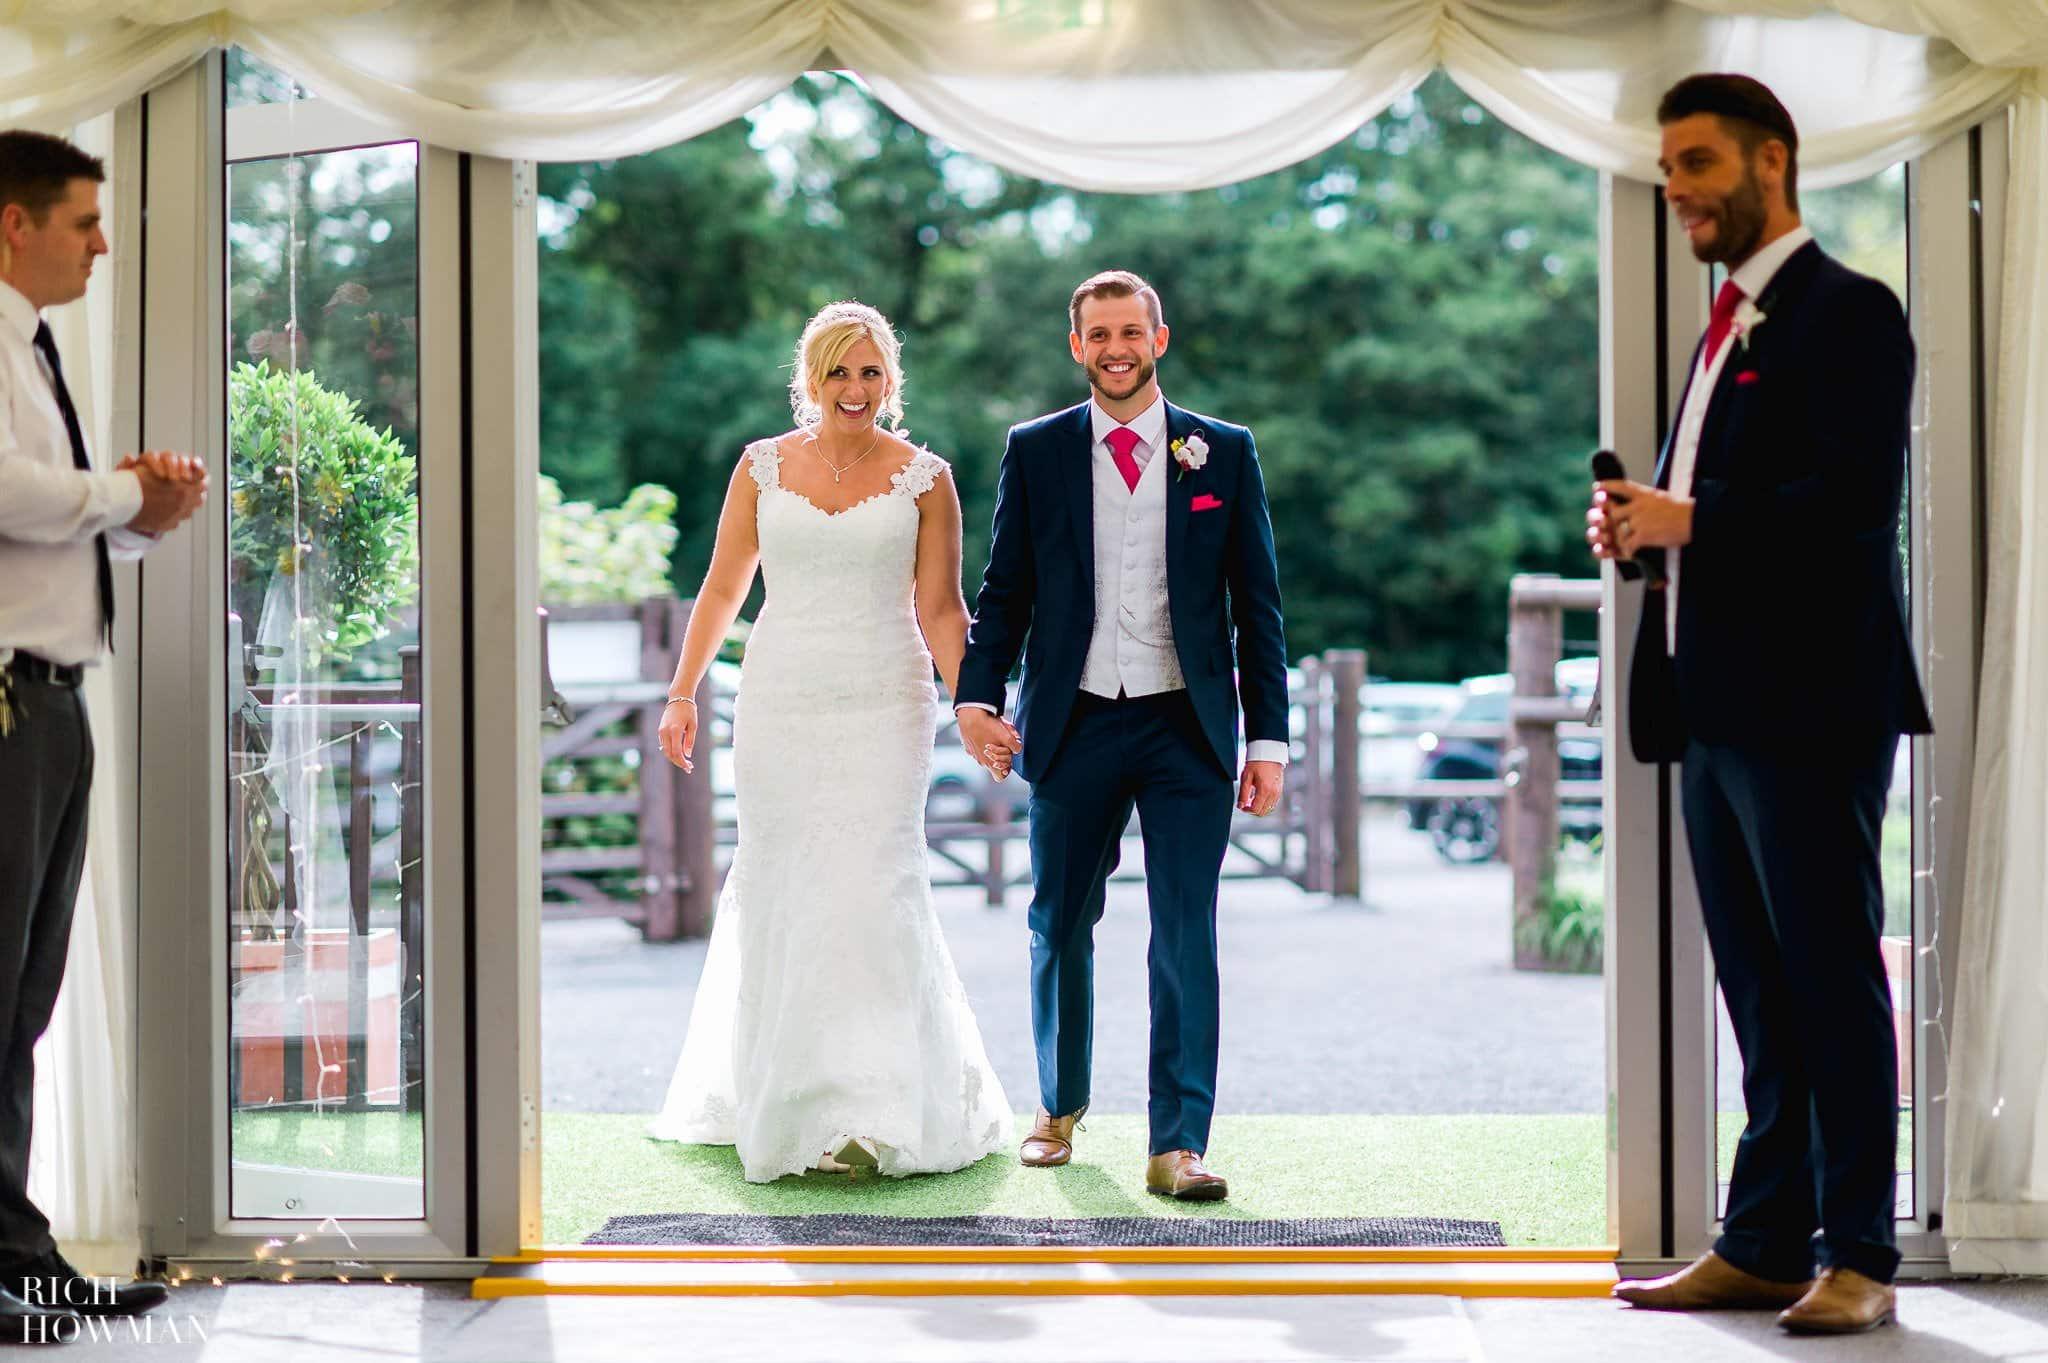 Llanerch Vineyard Wedding Photography by Rich Howman 53